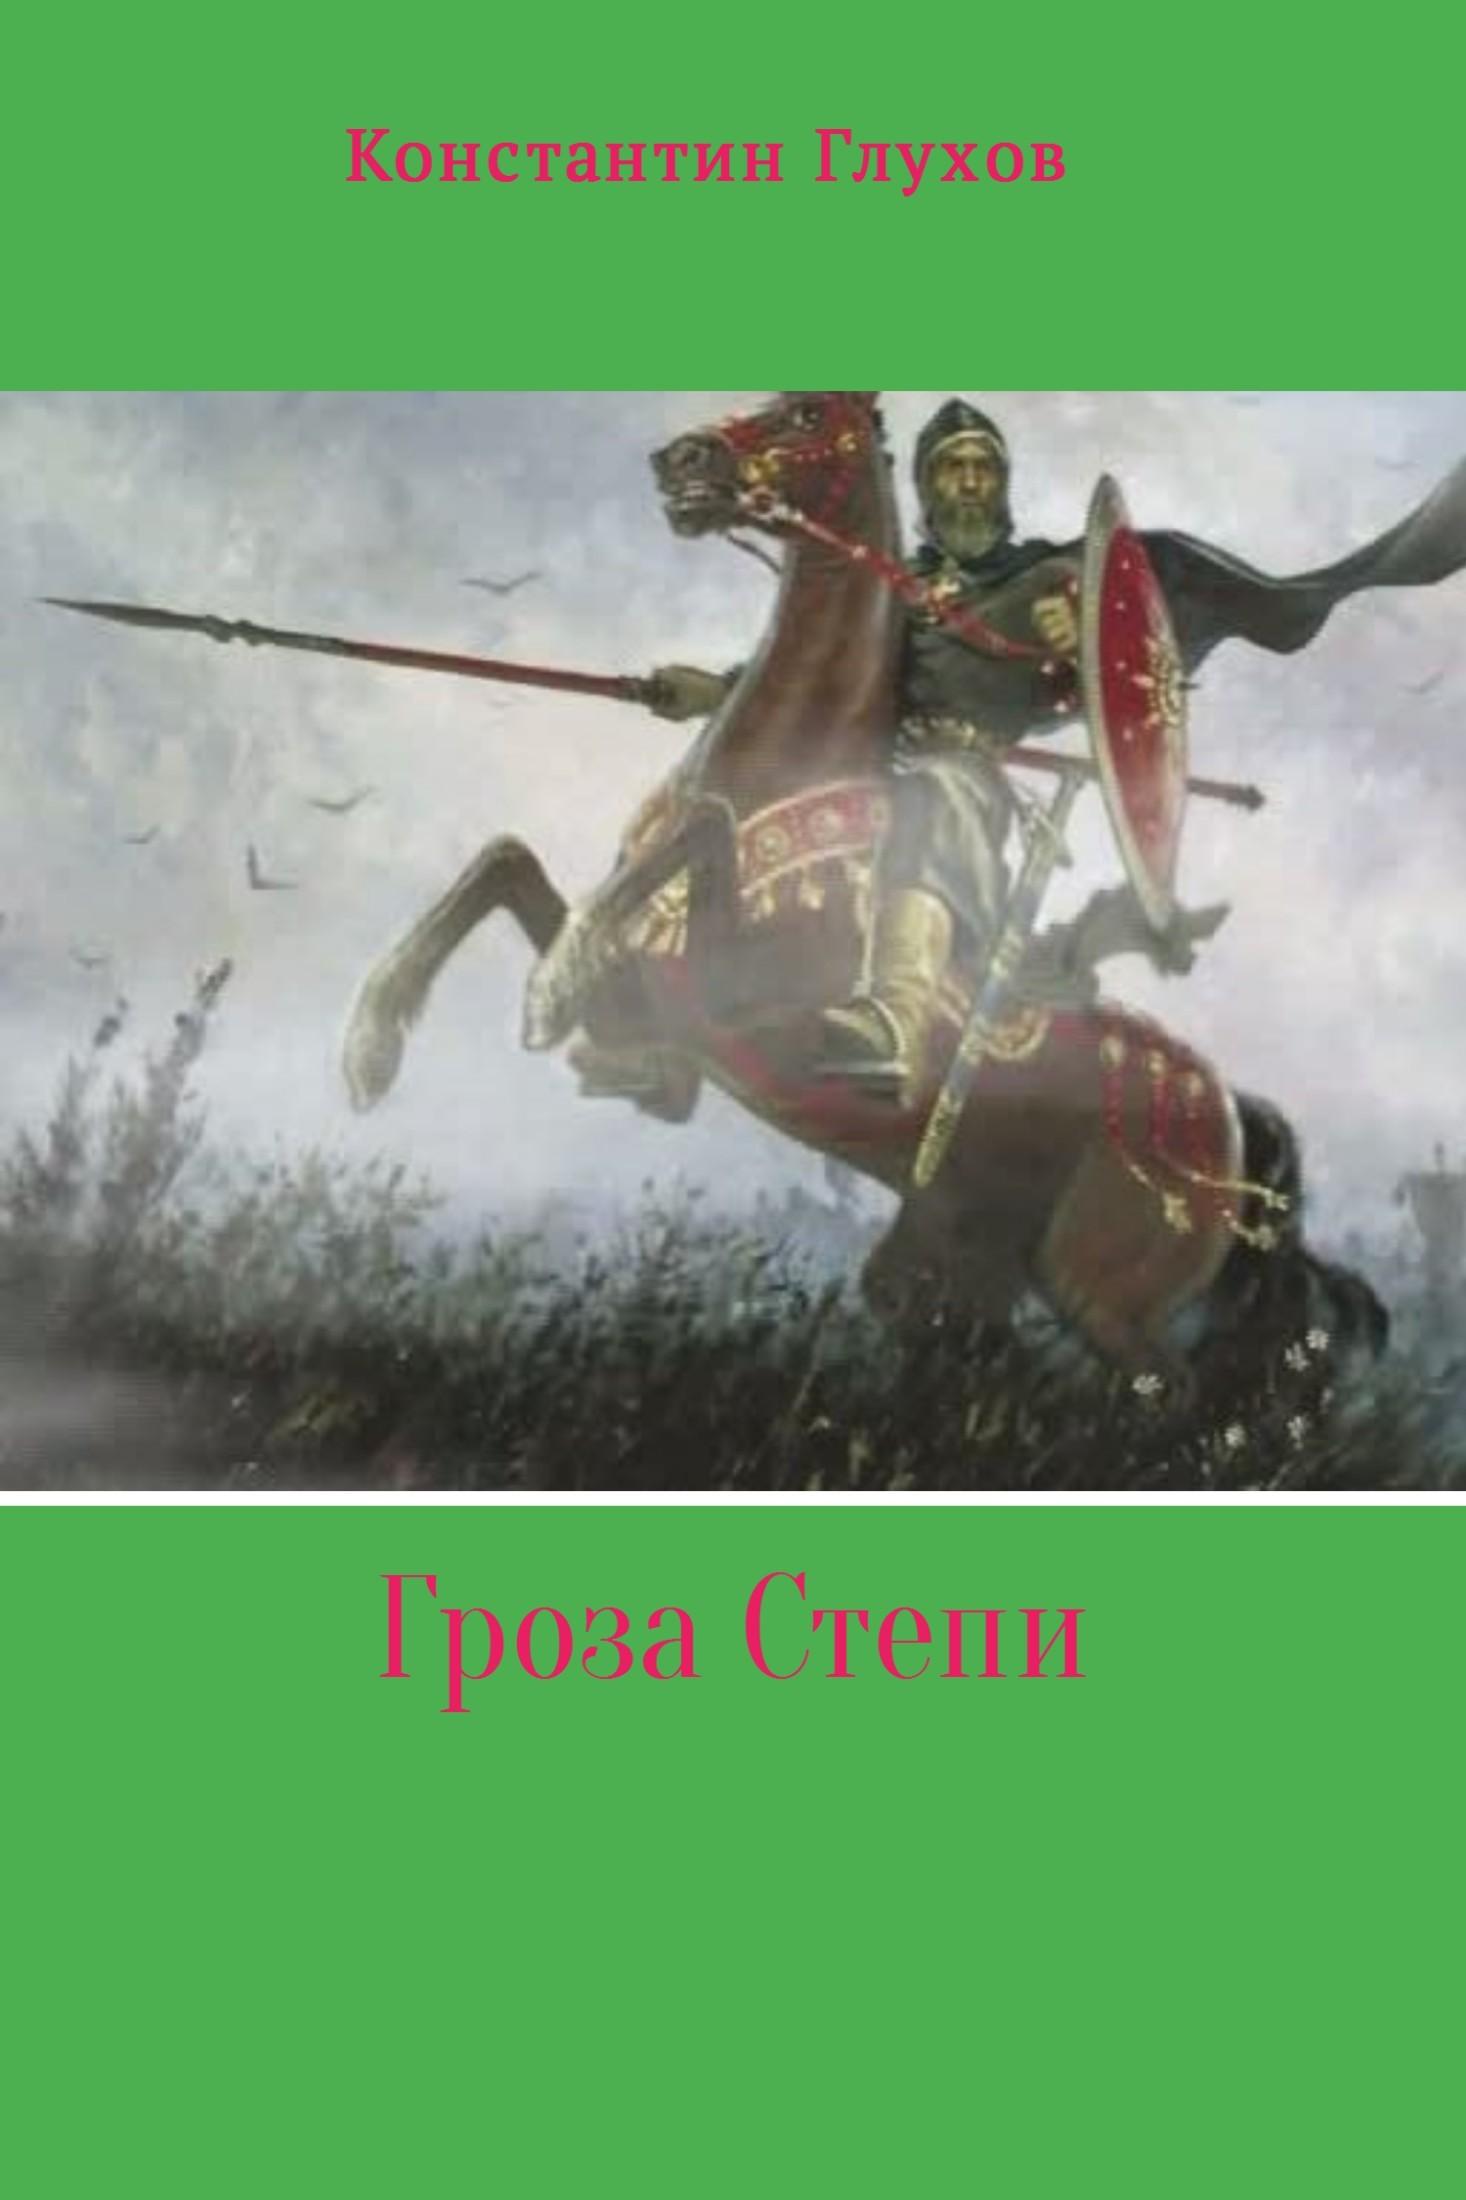 Константин Глухов - Гроза Степи